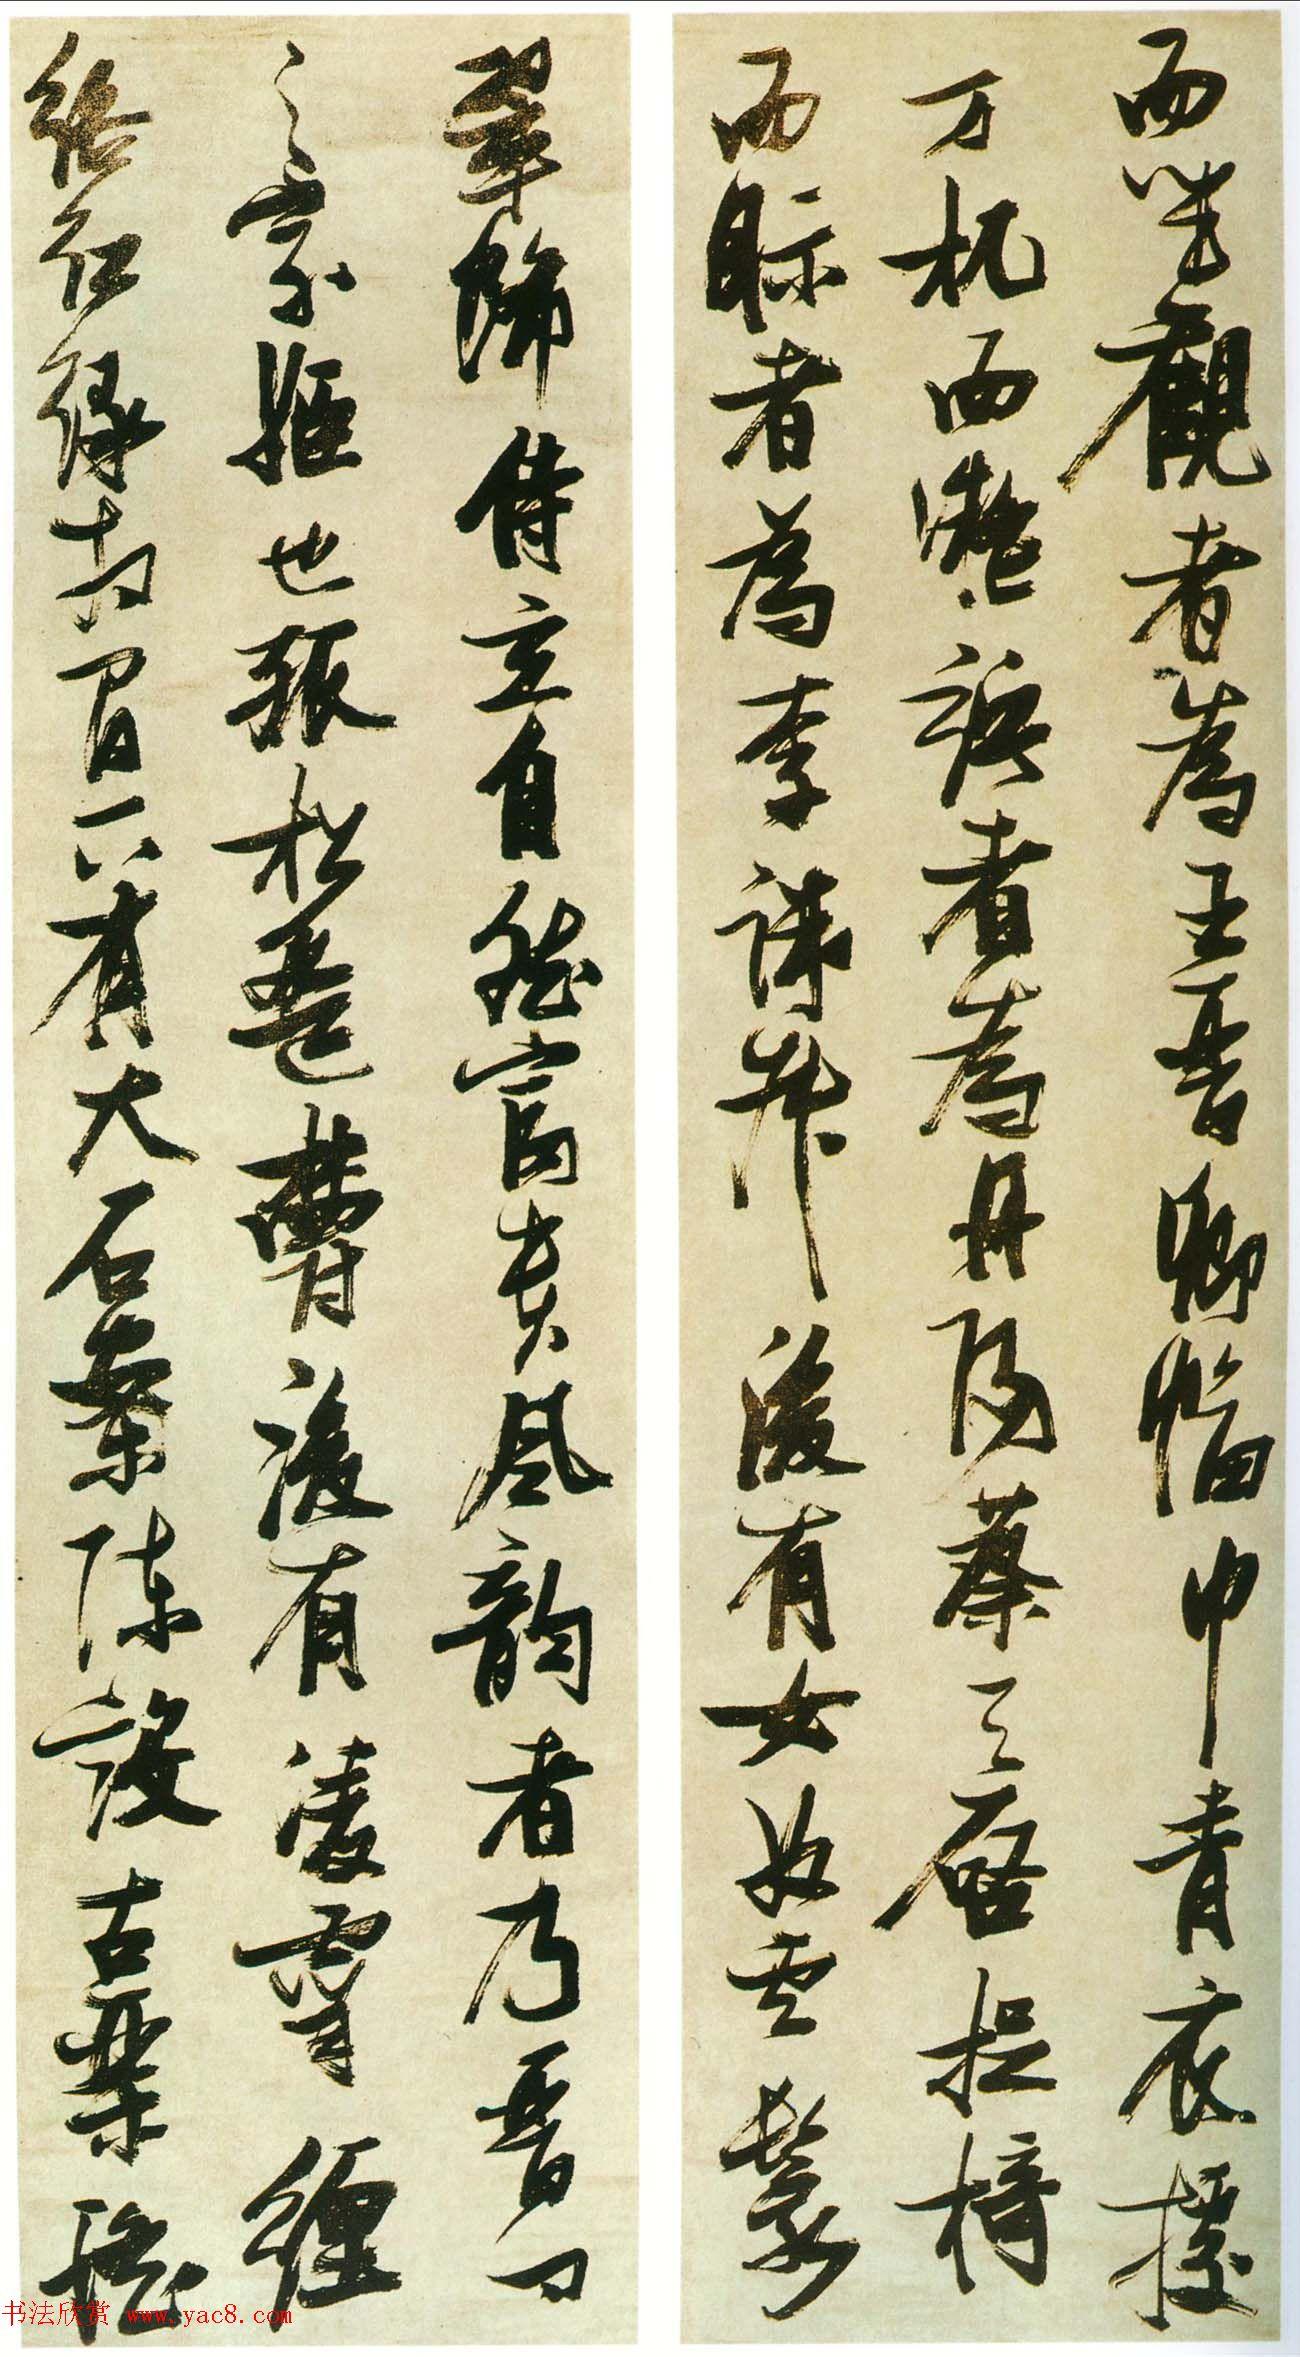 张瑞图行书欣赏《米芾西园雅集图记十二条屏》